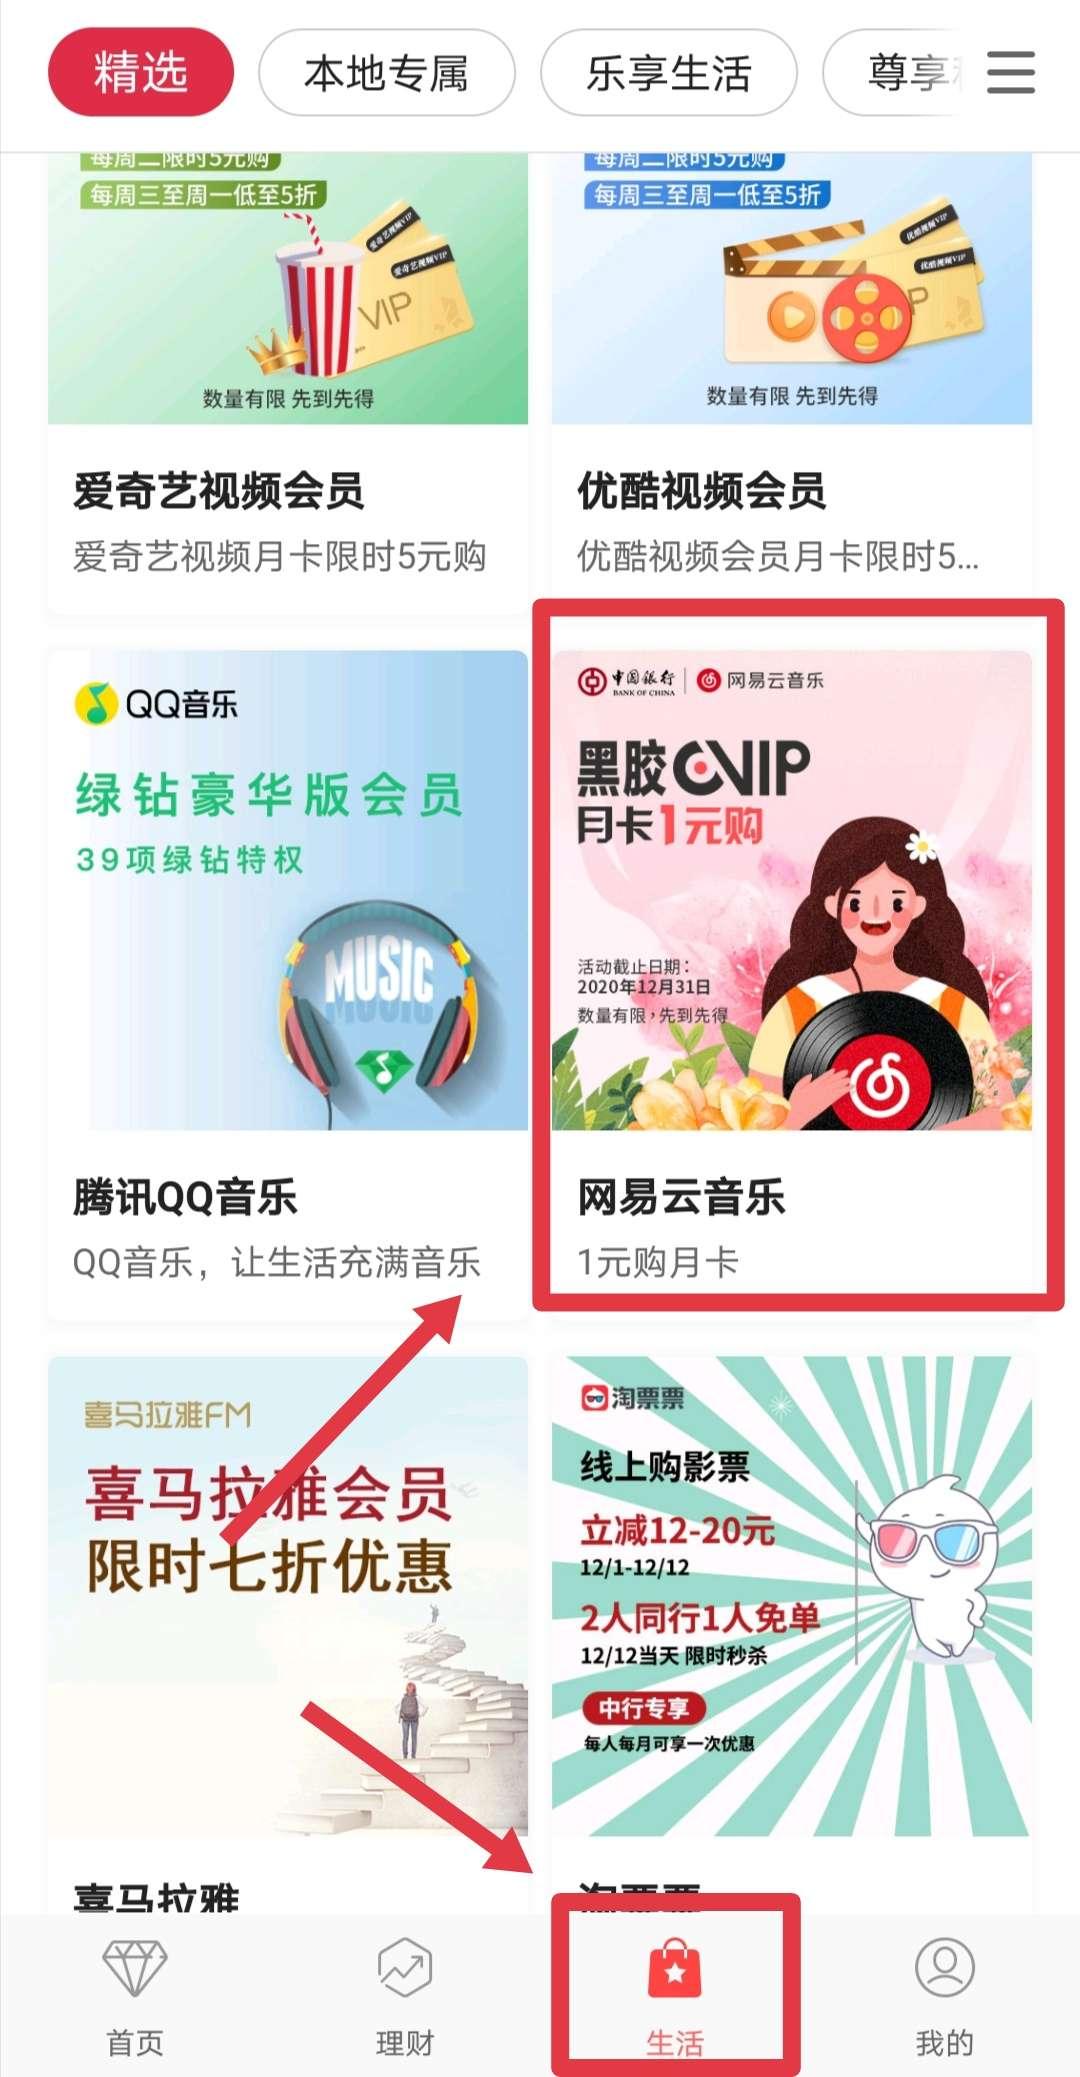 中国银行1元限量购网易云黑胶会员月卡-聚合资源网